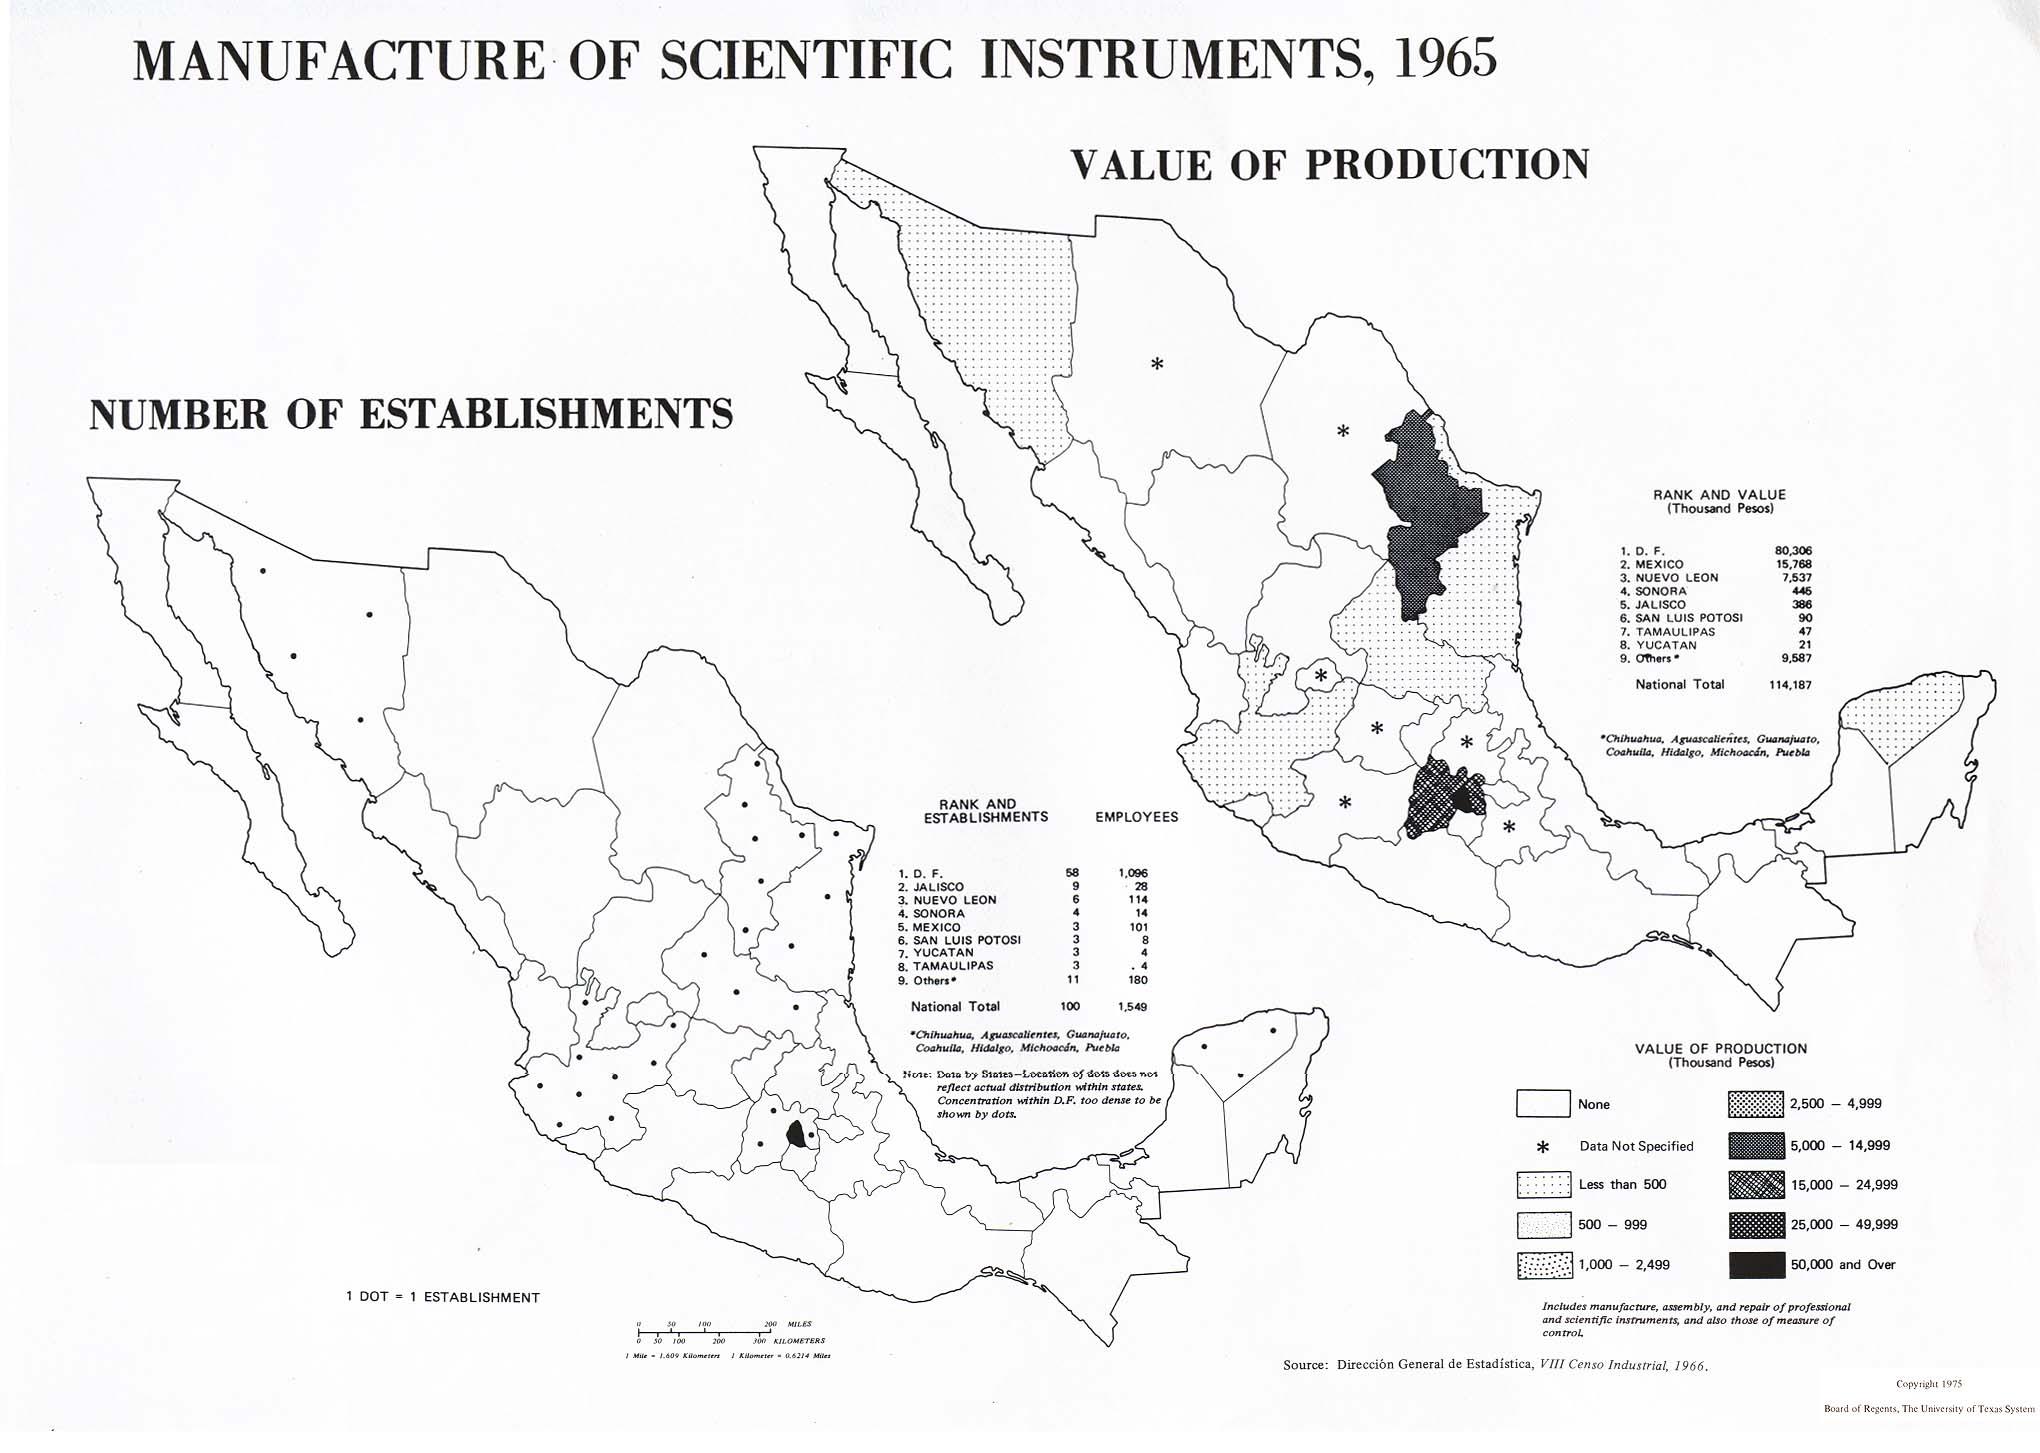 Mapa de La Fabricación de Instrumentos Científicos en México 1965